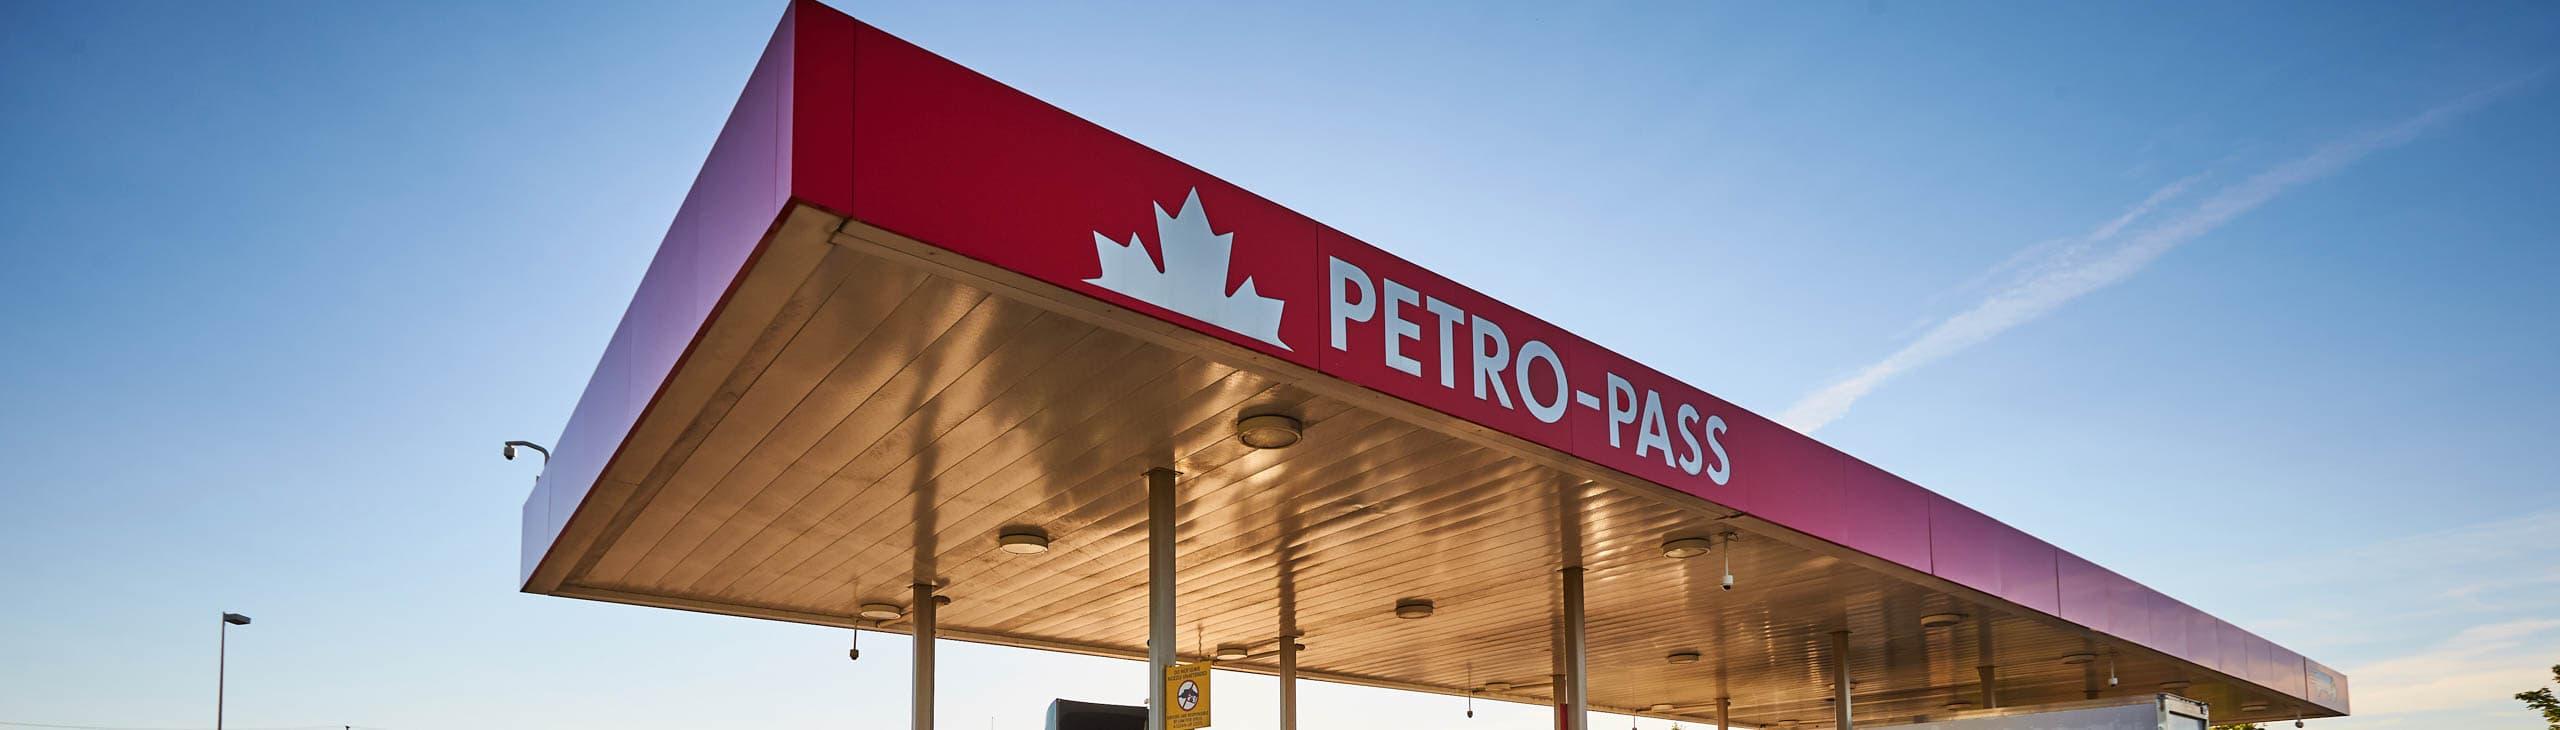 La marquise d'un relais routier avec carte-accès Petro-Pass au crépuscule.